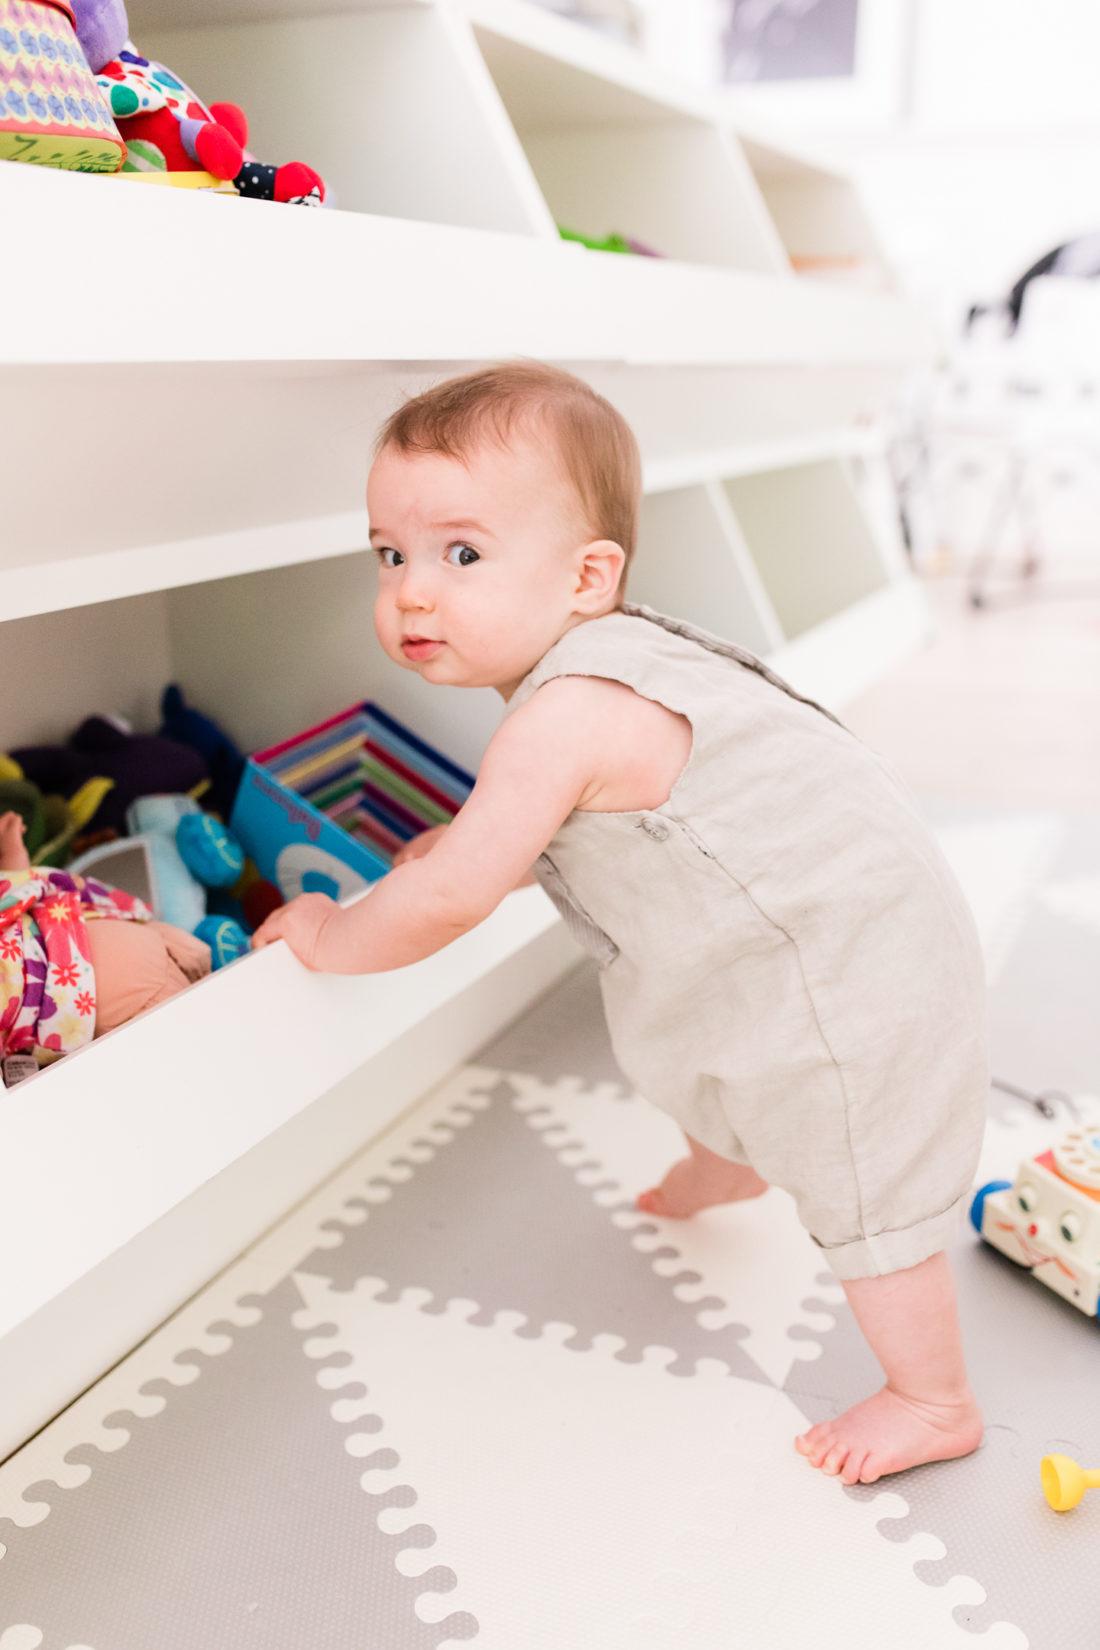 Eva Amurri Martino shares her baby registry must-haves